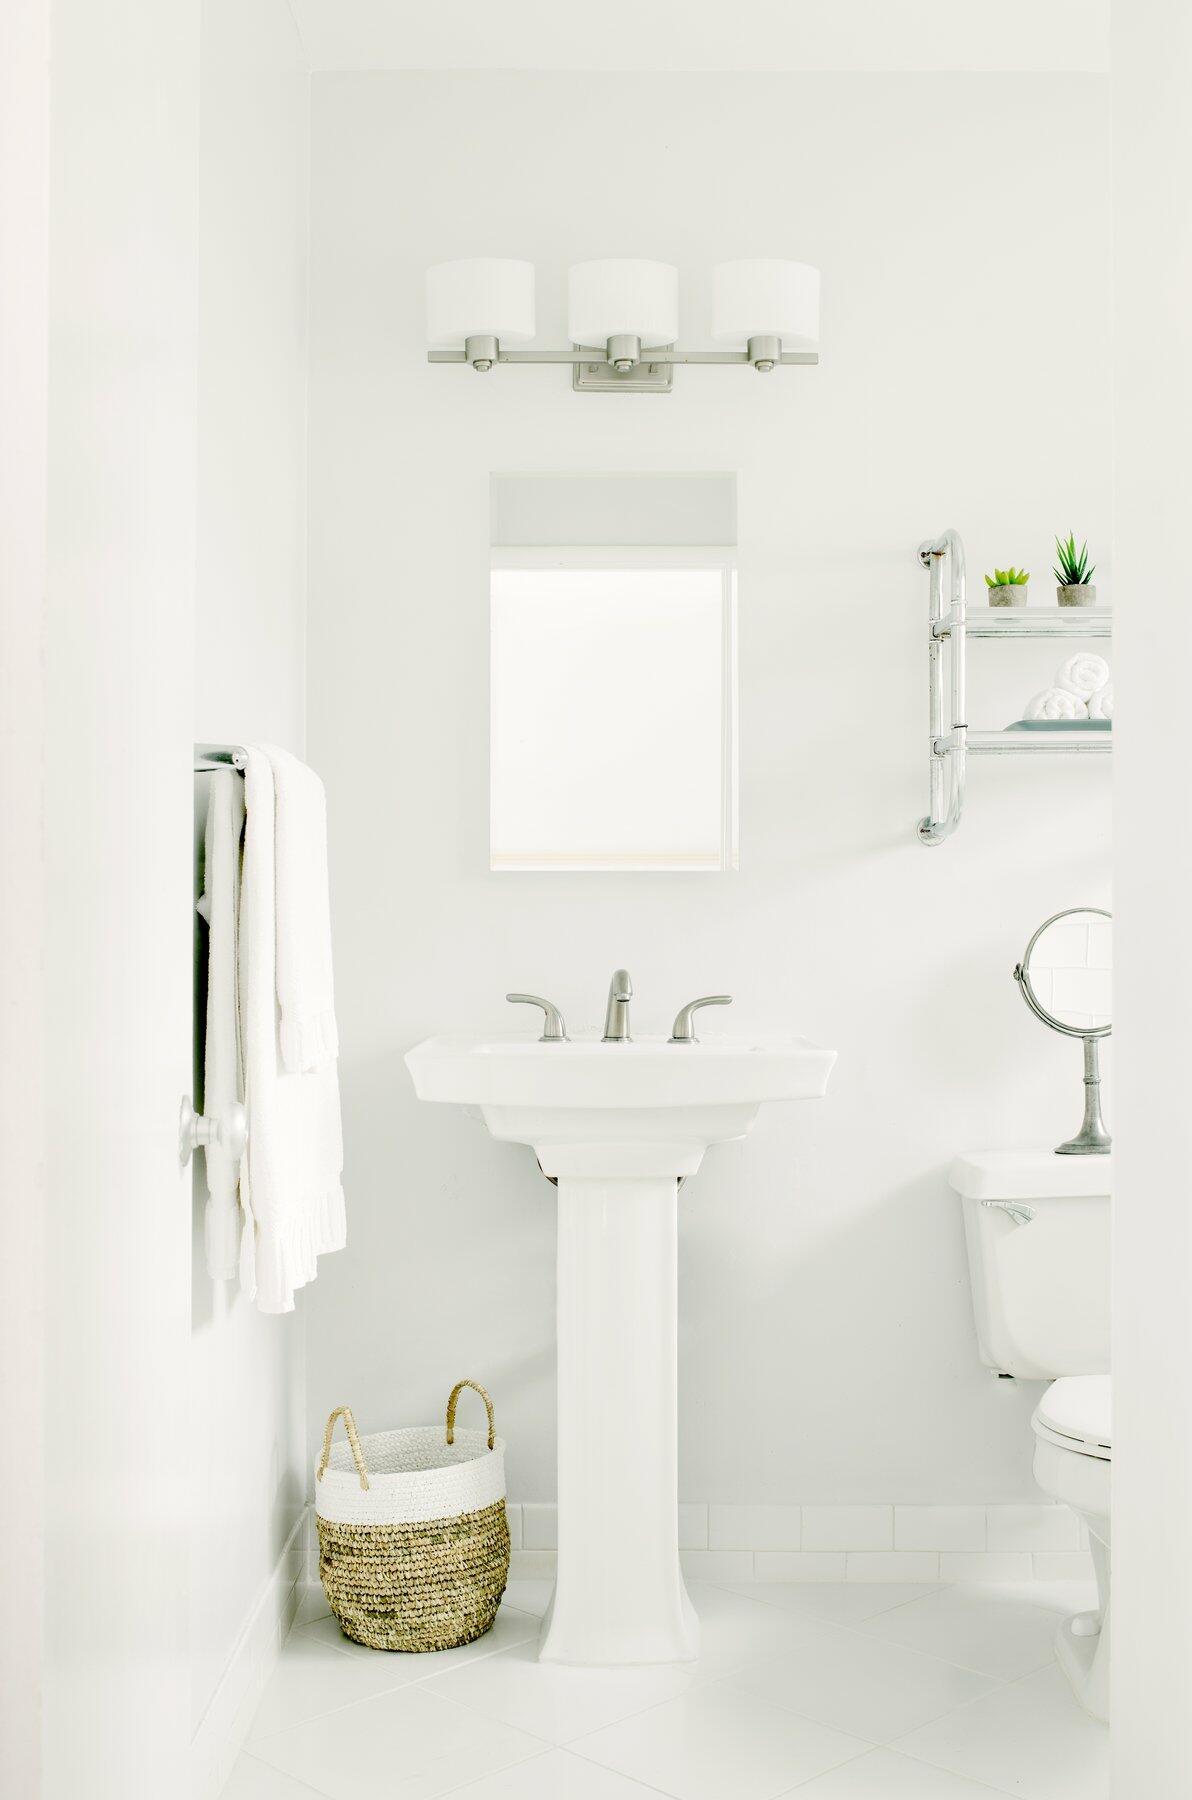 Pristine white hotel bathroom